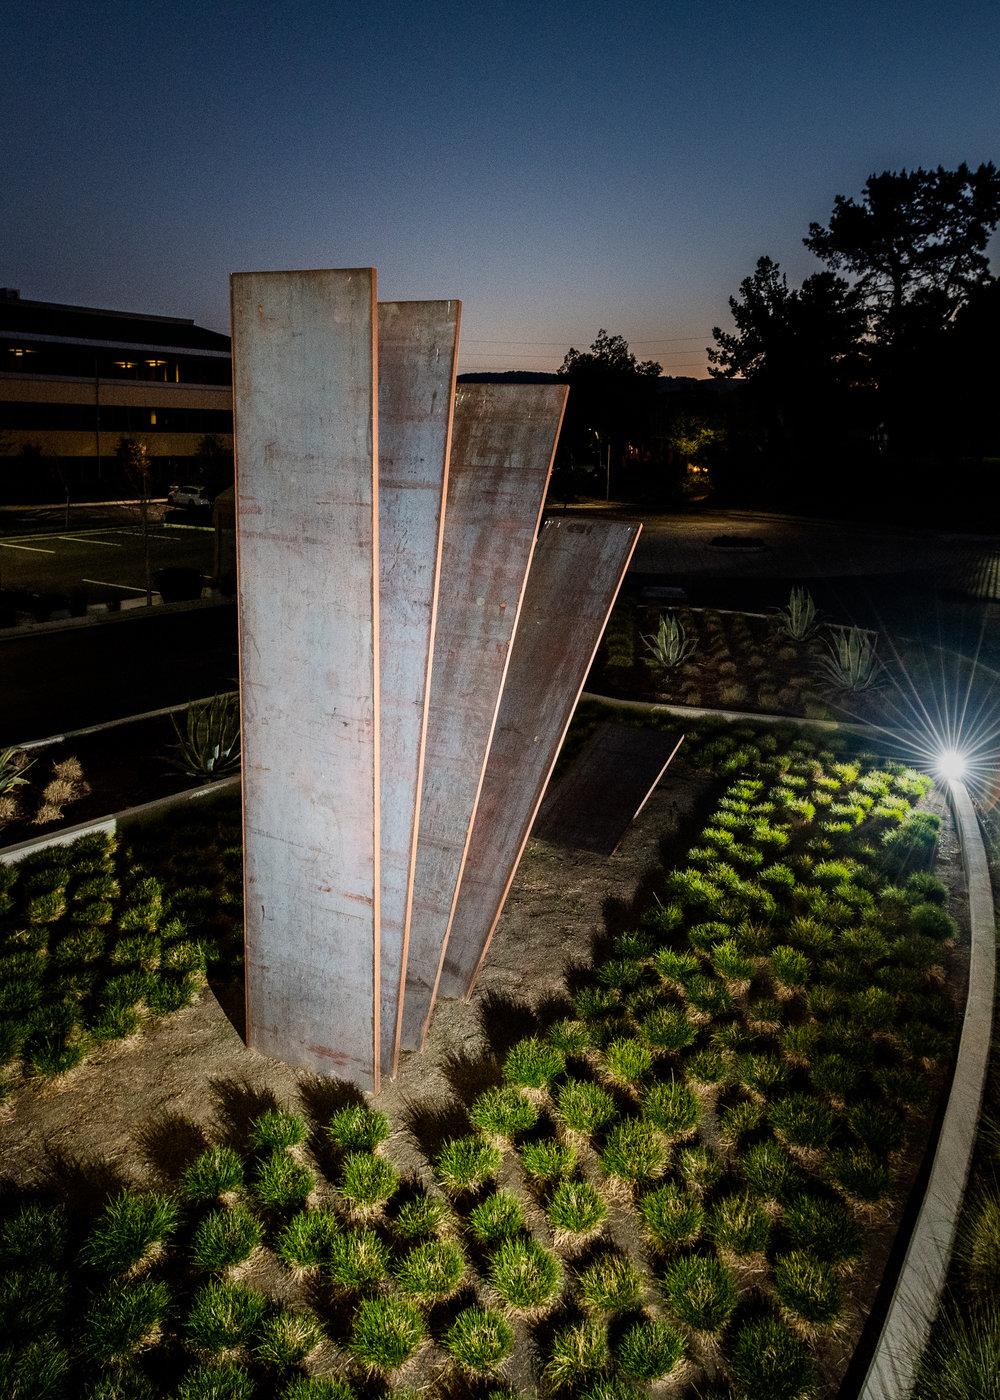 20180217 - San Mateo Sculptures - DTKM - 3797.jpg